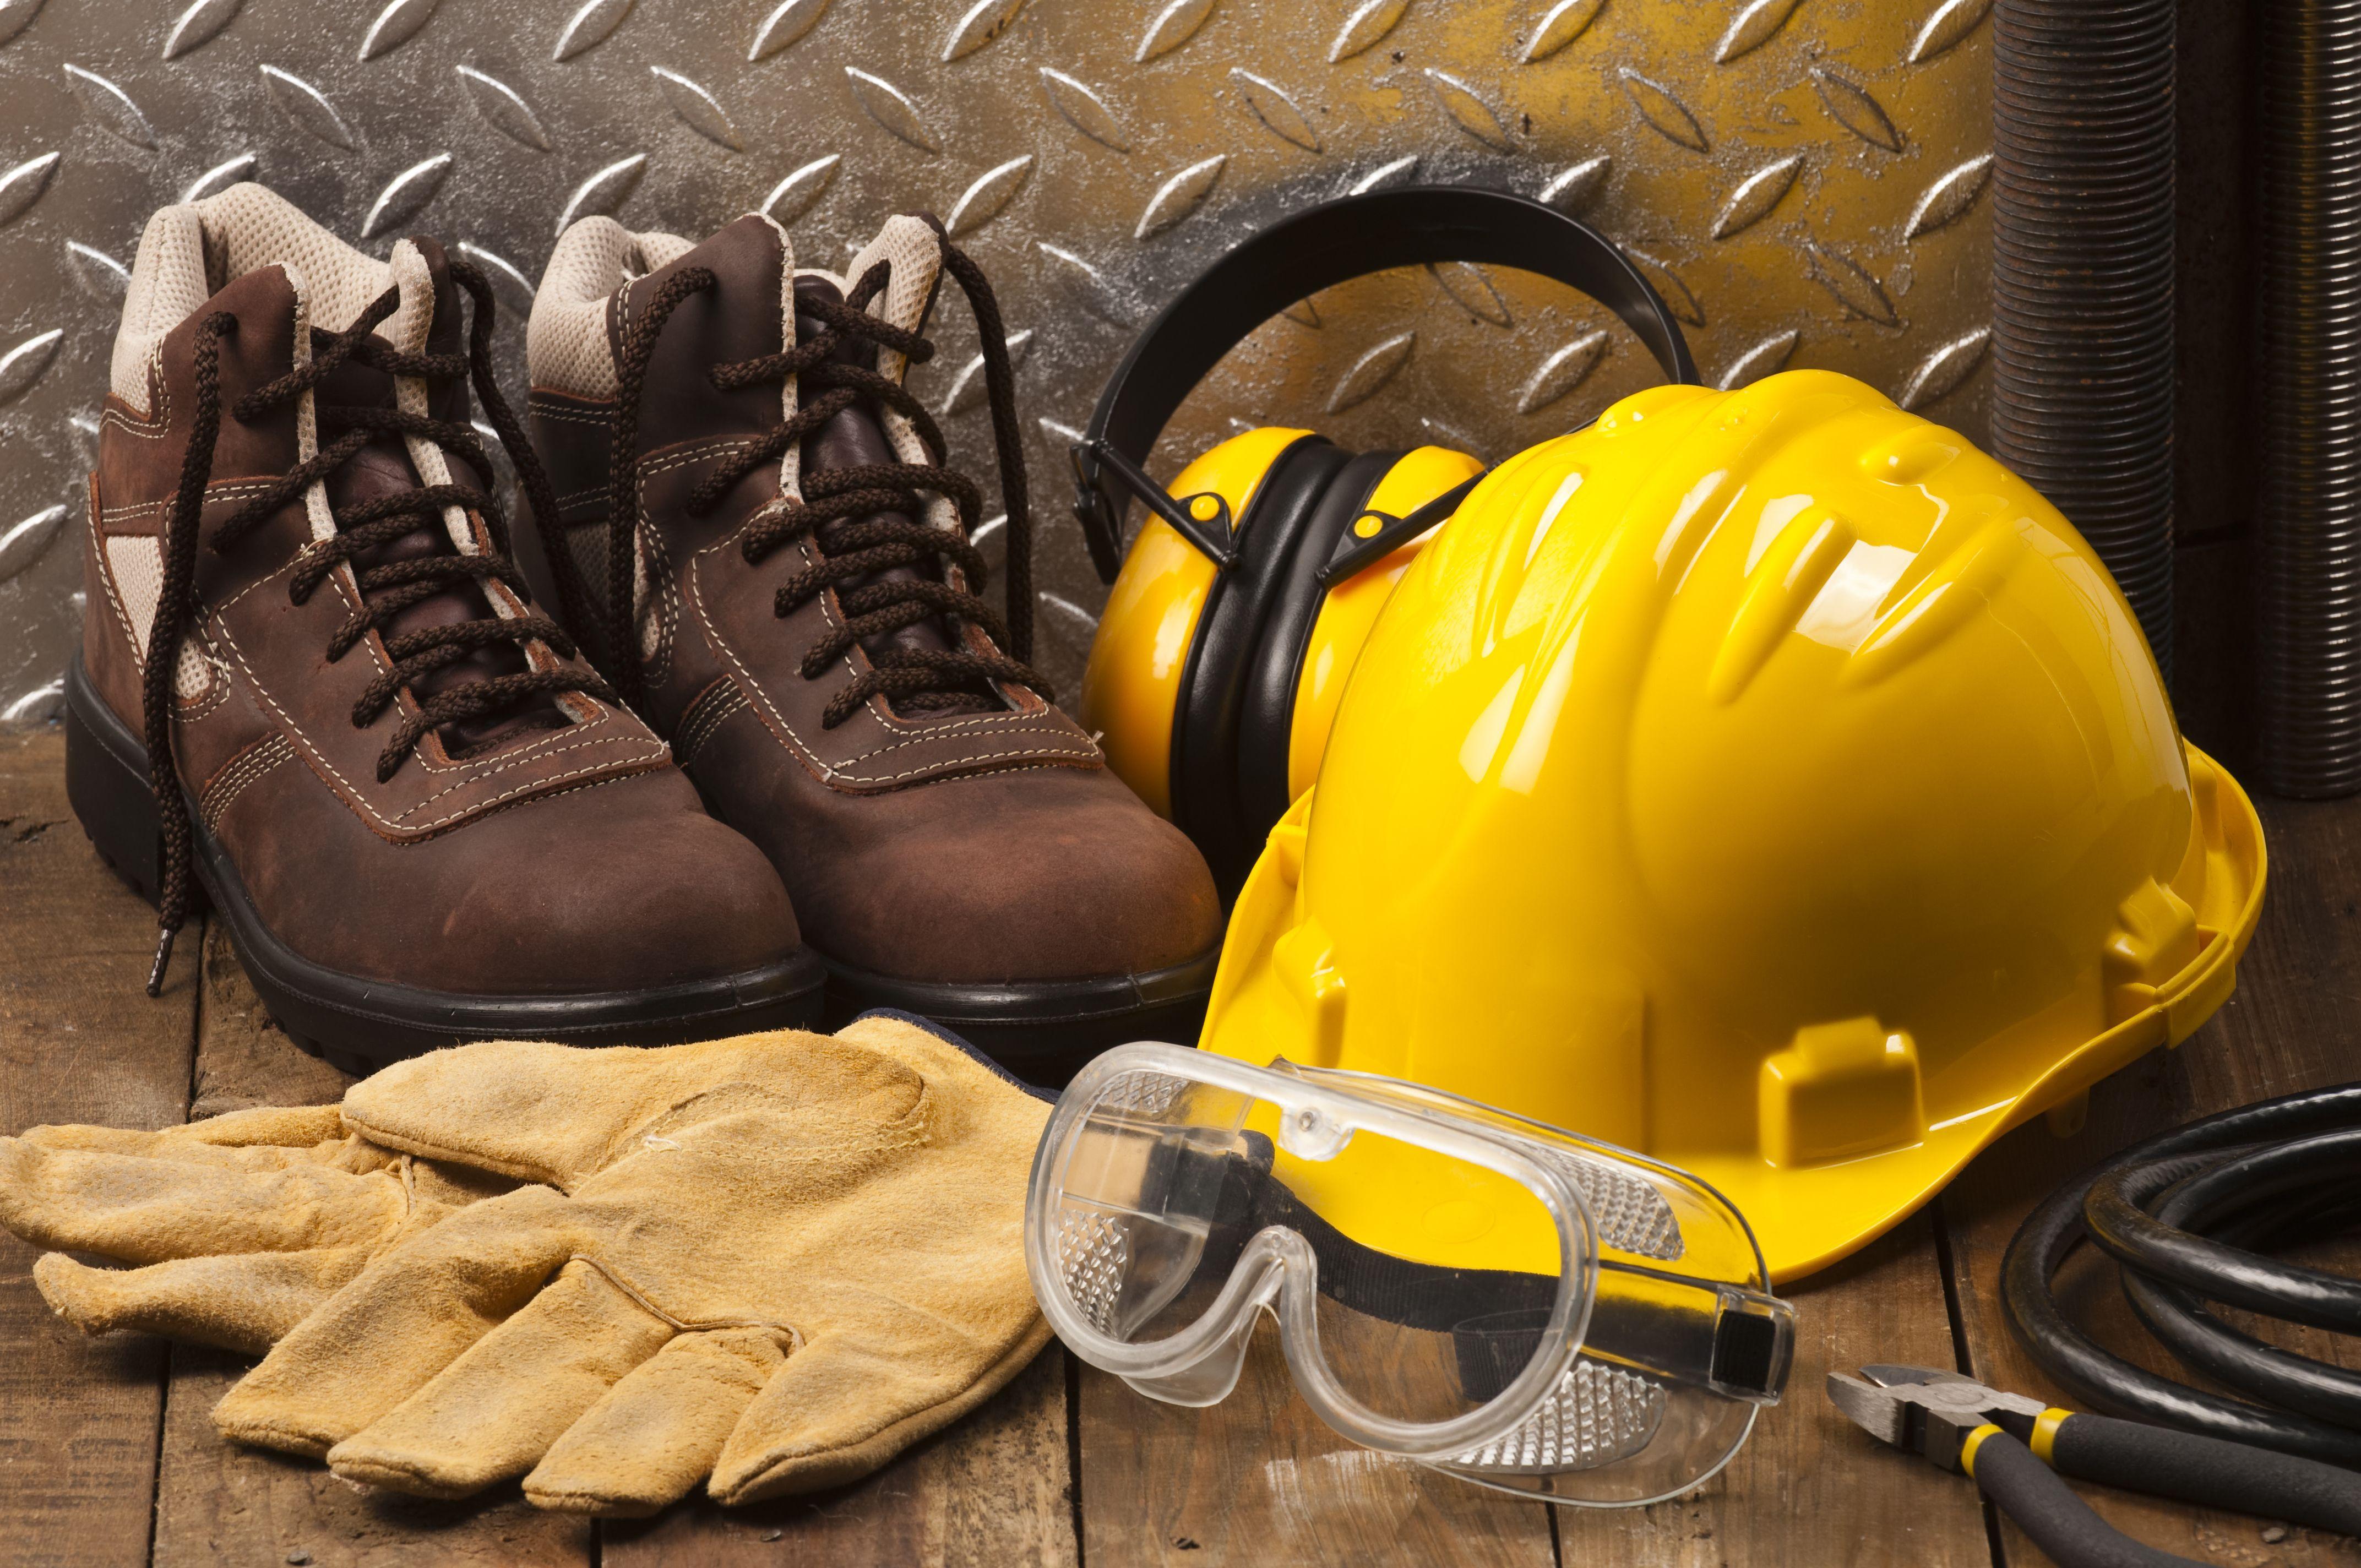 Calzado de seguridad y guantes de trabajo